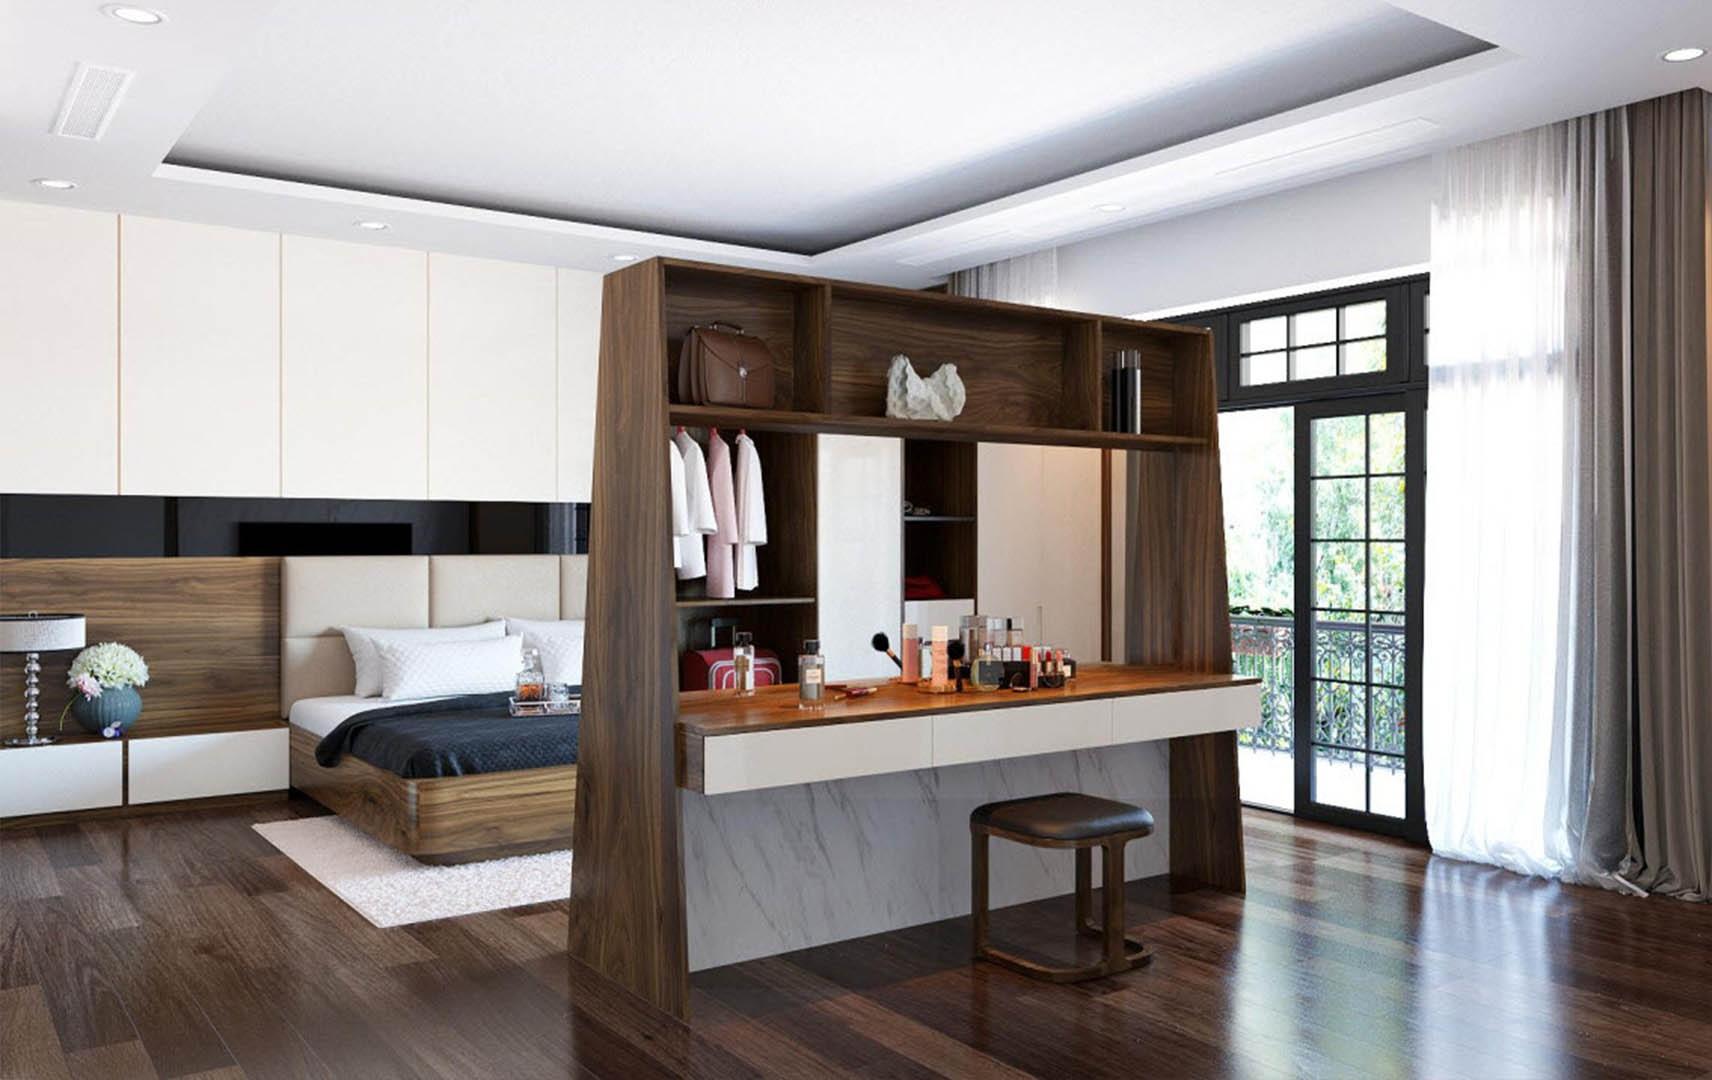 Phòng ngủ sử dụng vách ngăn gỗ óc chó đầy ấn tượng